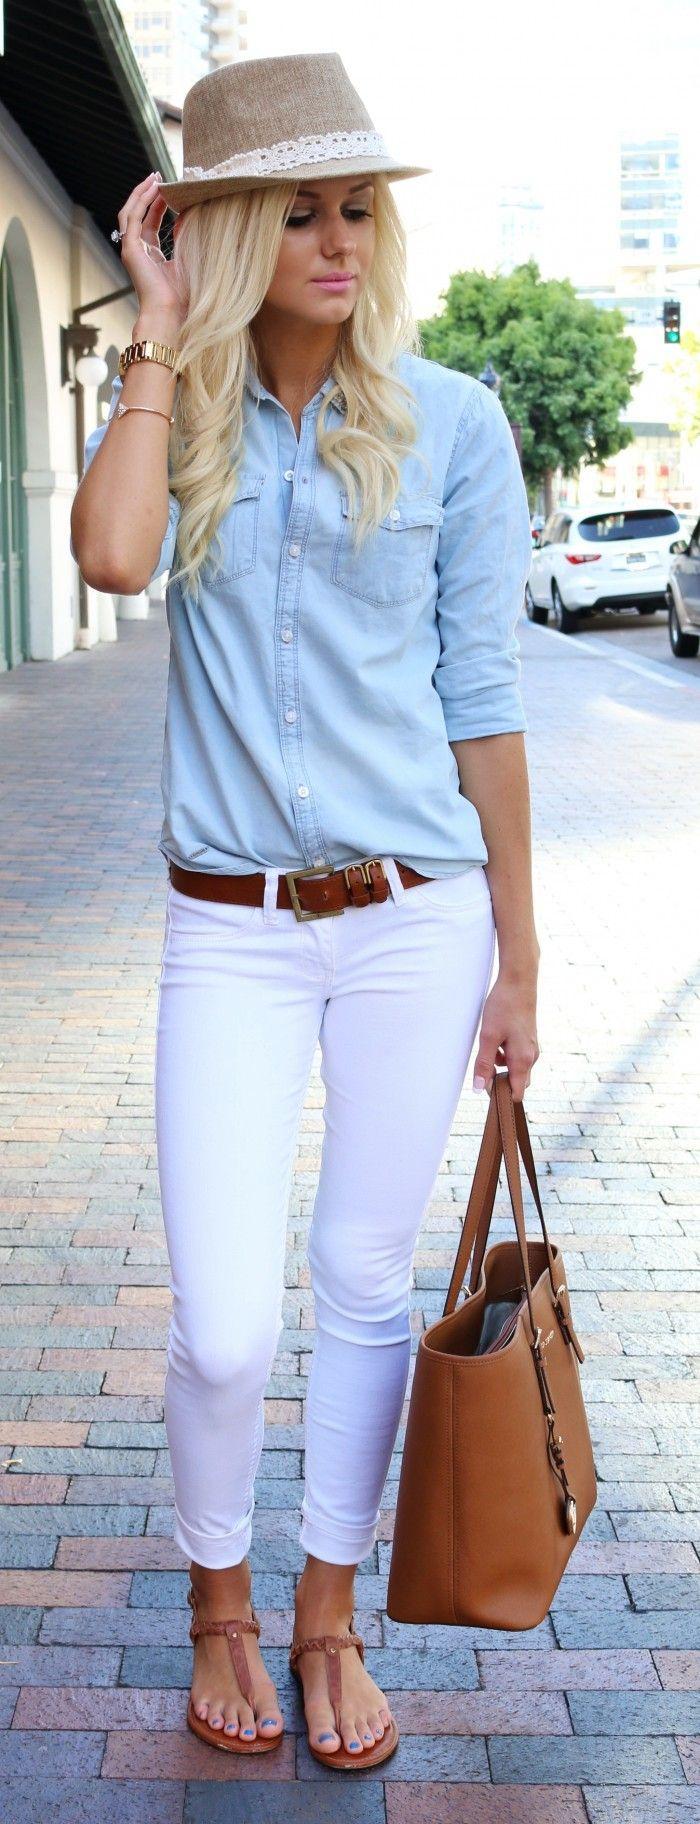 голубая рубашка, белые джинсы и фетровая шляпа